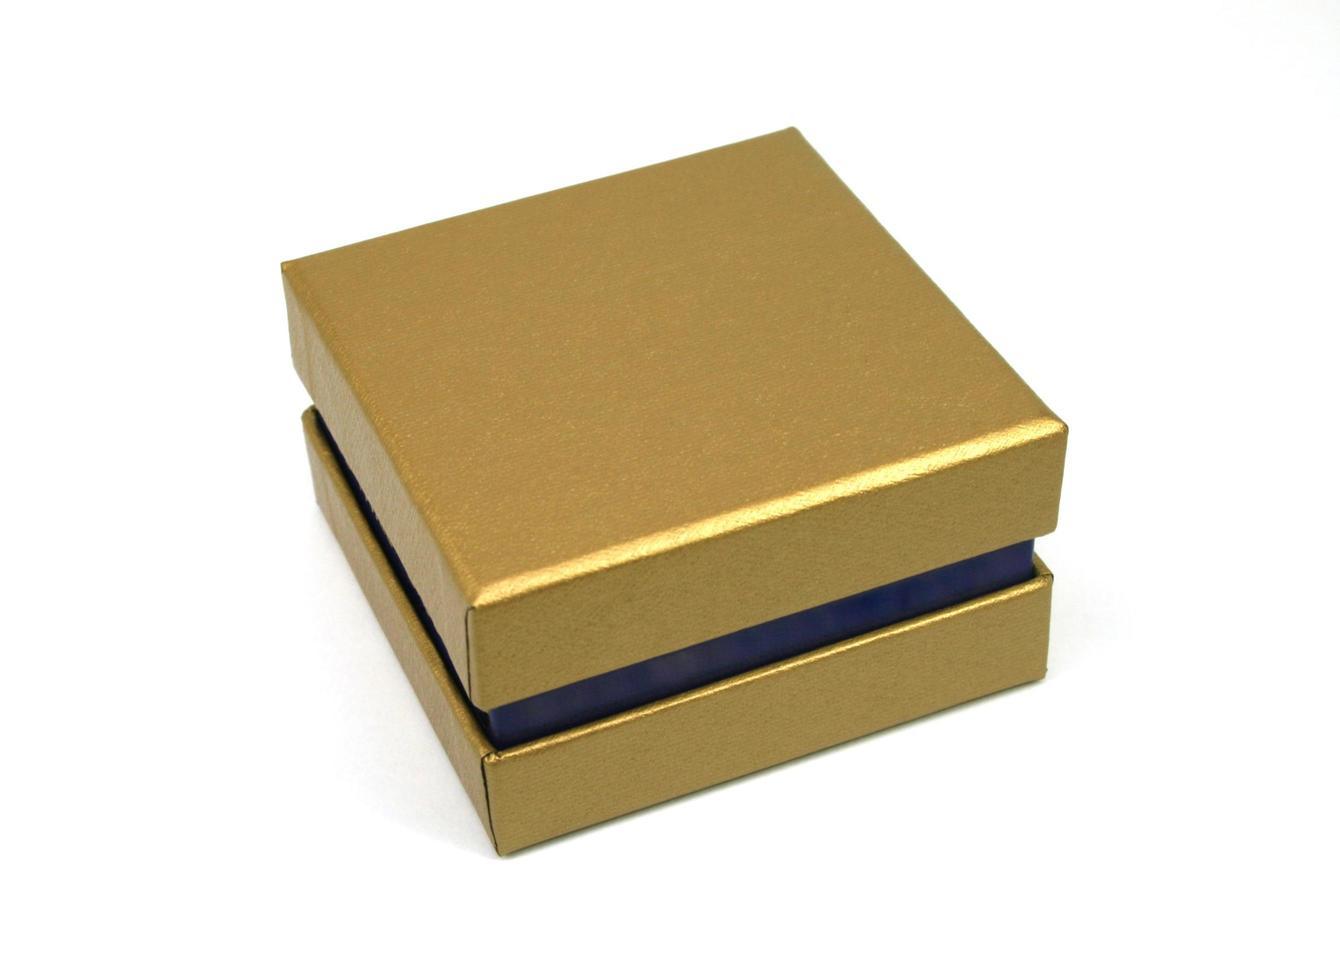 caja de regalo dorada foto